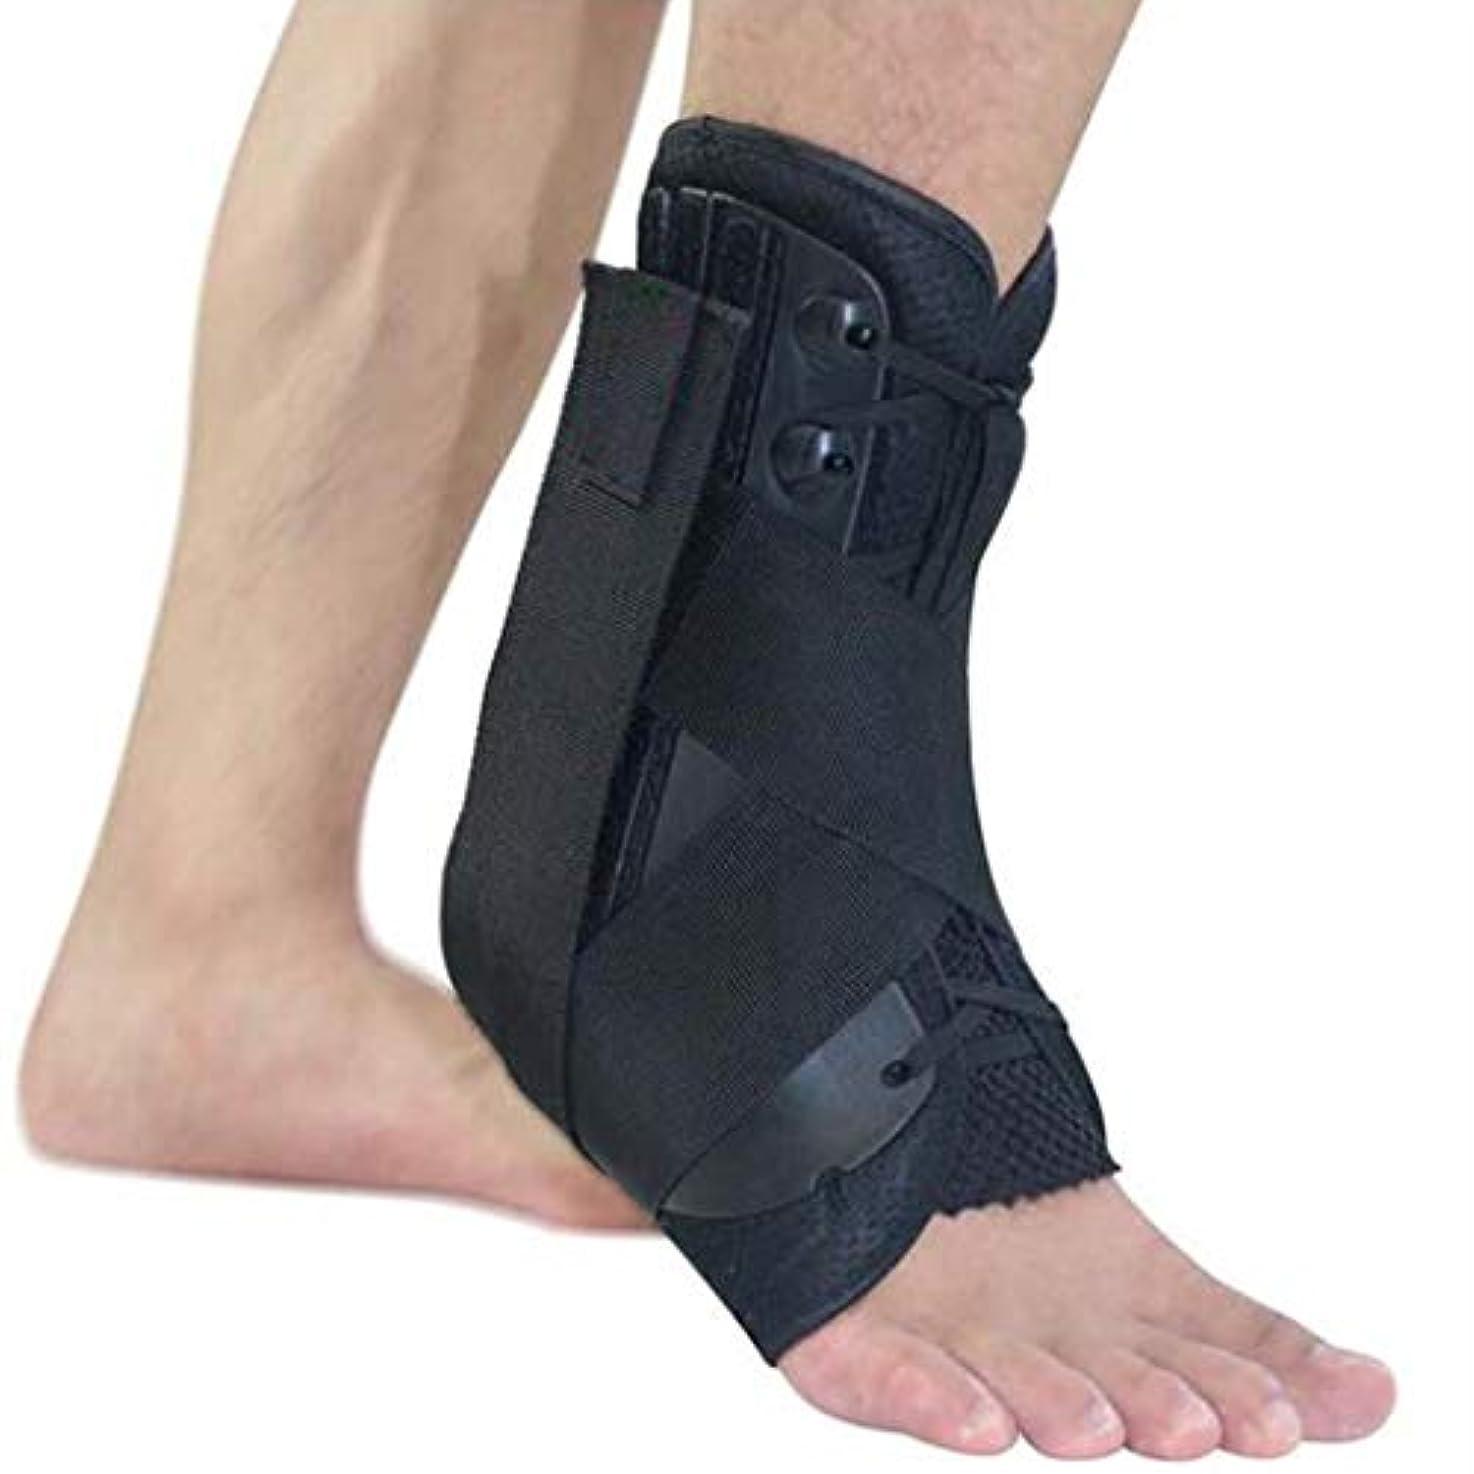 所有者うがい薬割り当てる筋膜炎かかとの痛み、手術後のアキレス腱気道足首骨折治療フィックスサポートツール (Size : L)